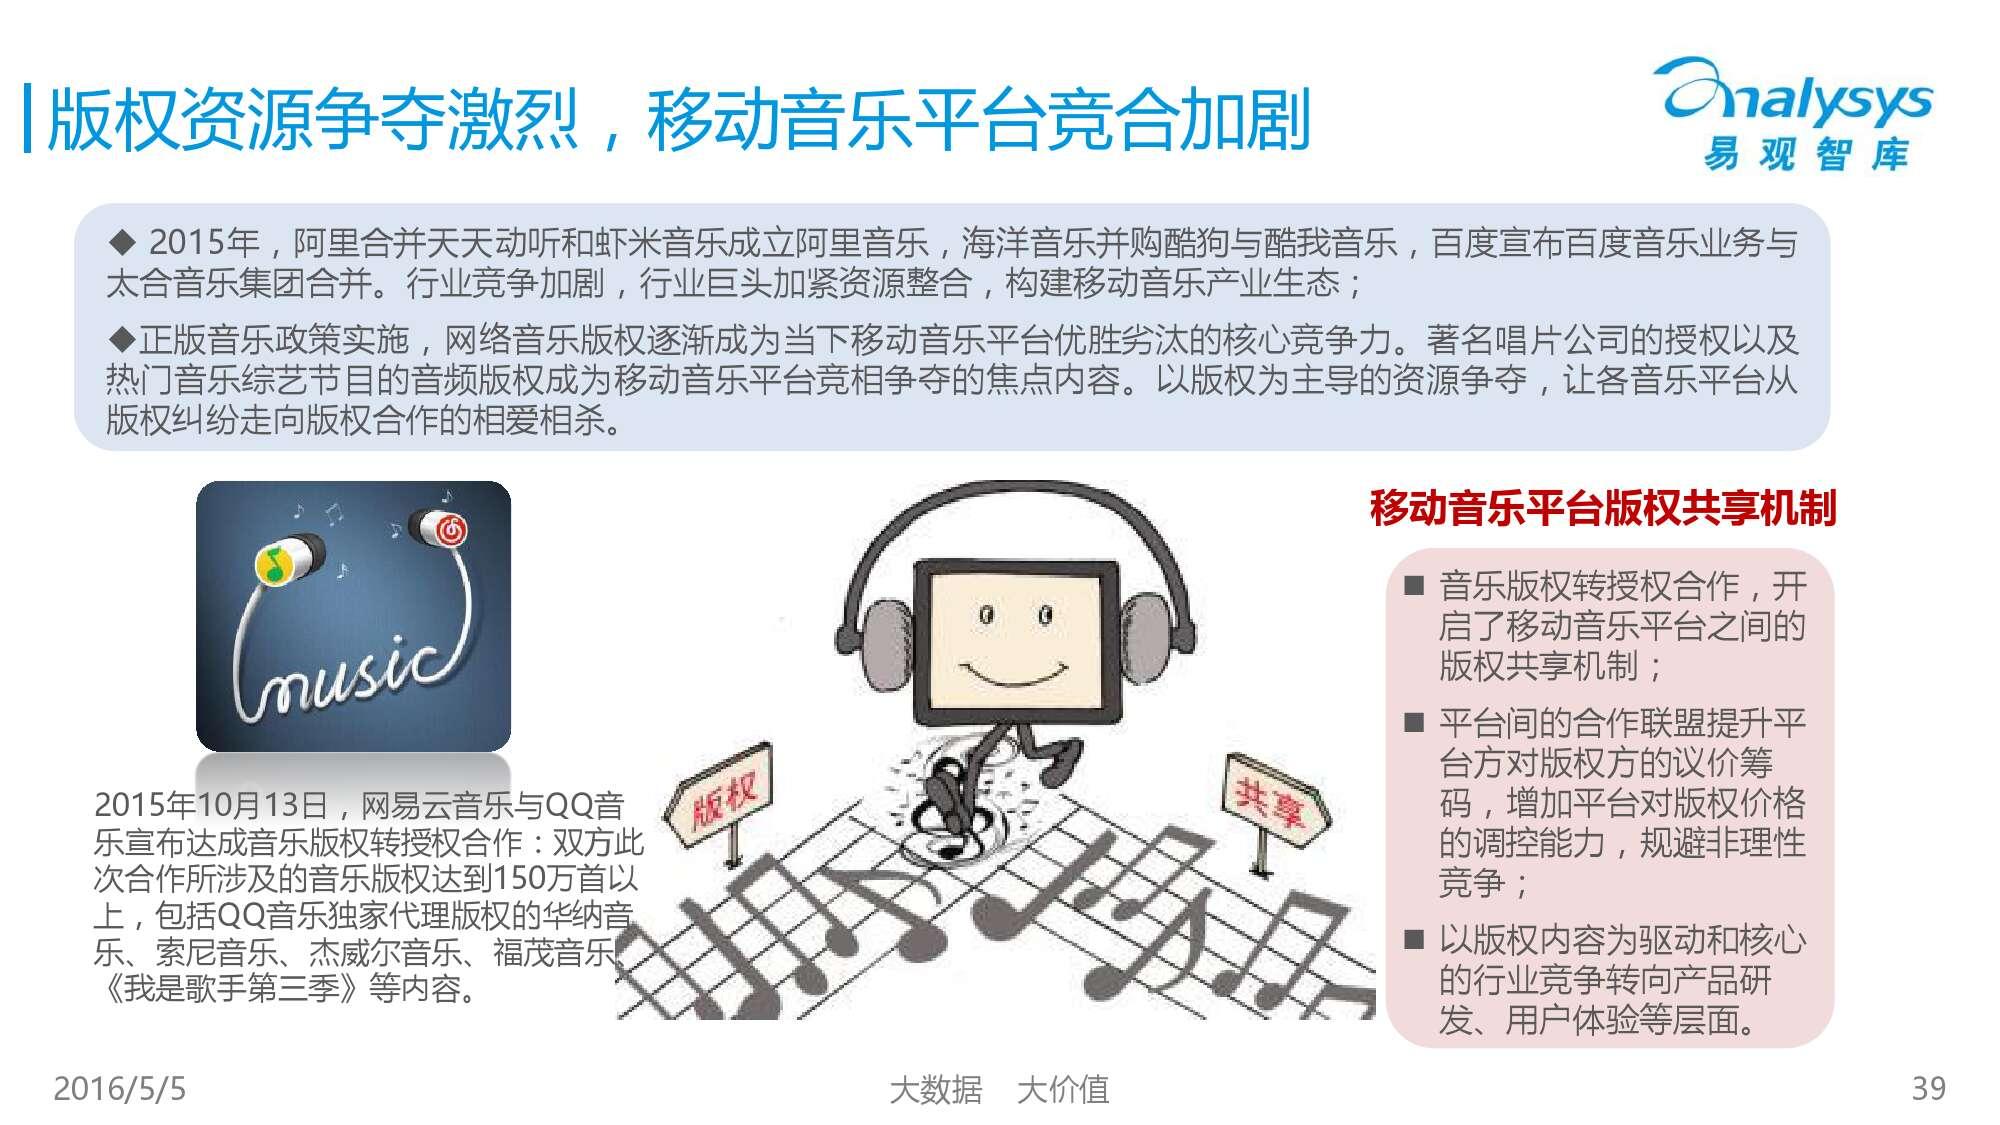 2016中国移动音乐市场年度综合报告_000039